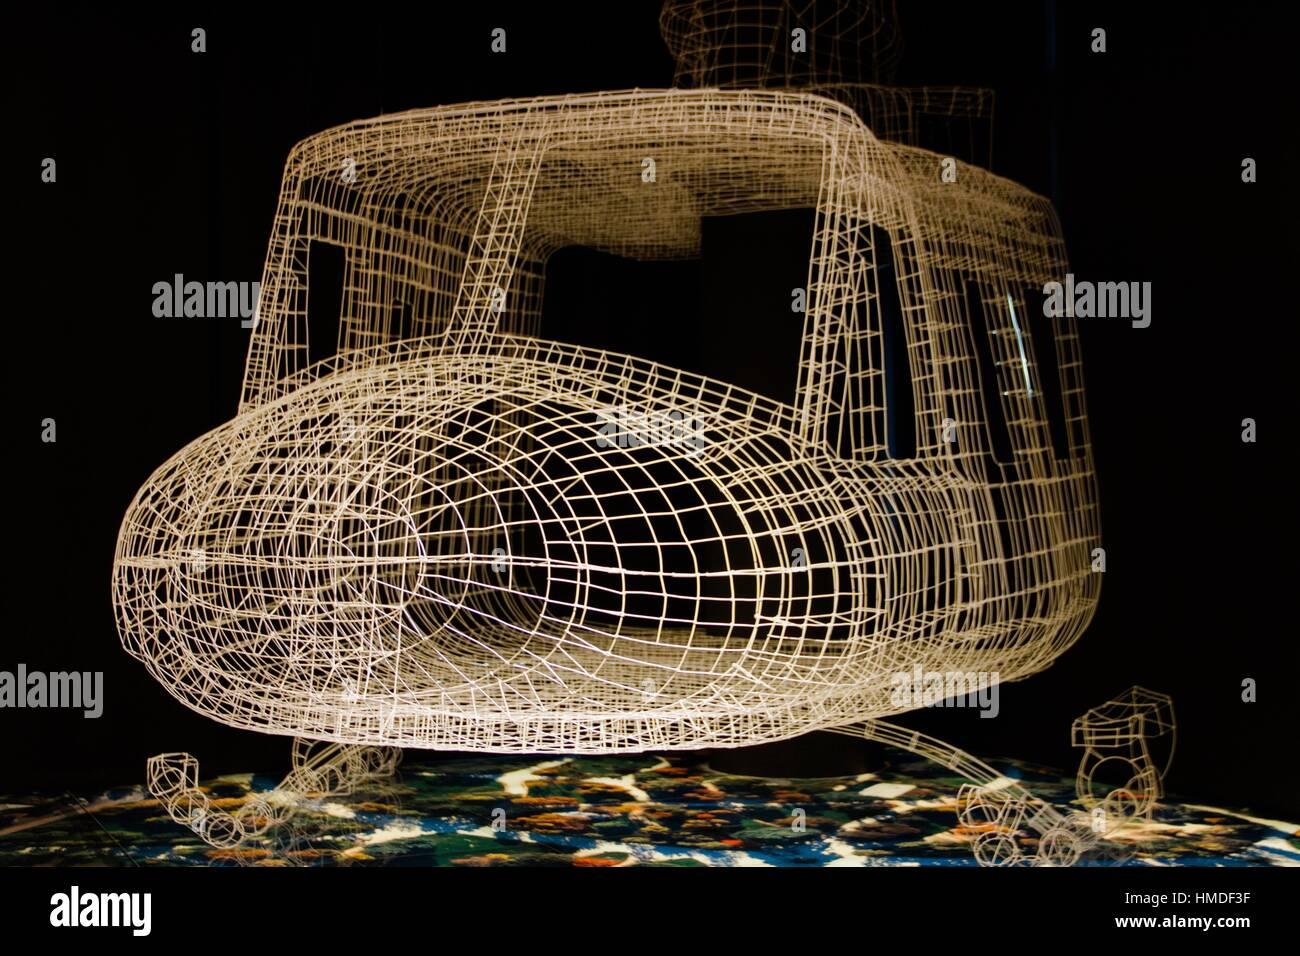 Elicottero Milano : Casa milano mondo museo di milano: il punto di svolta lelicottero